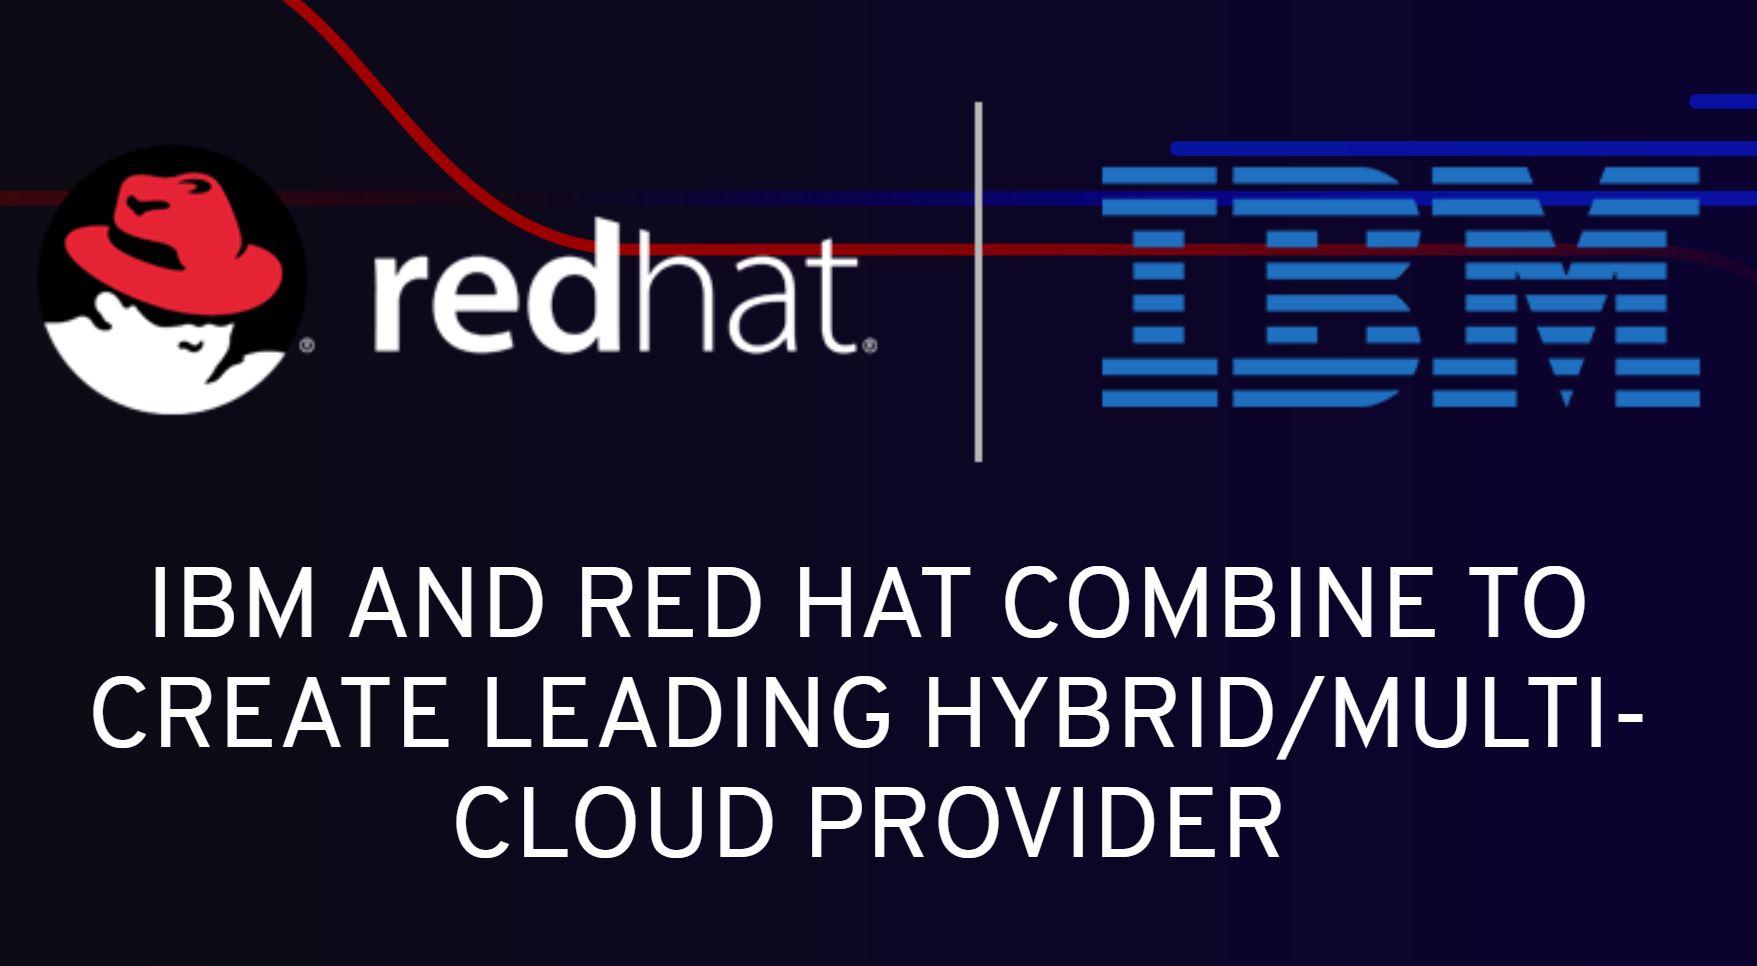 IBMがLinuxのRed Hatを340億ドルで買収へ ハイブリッドクラウド強化 - ITmedia NEWS